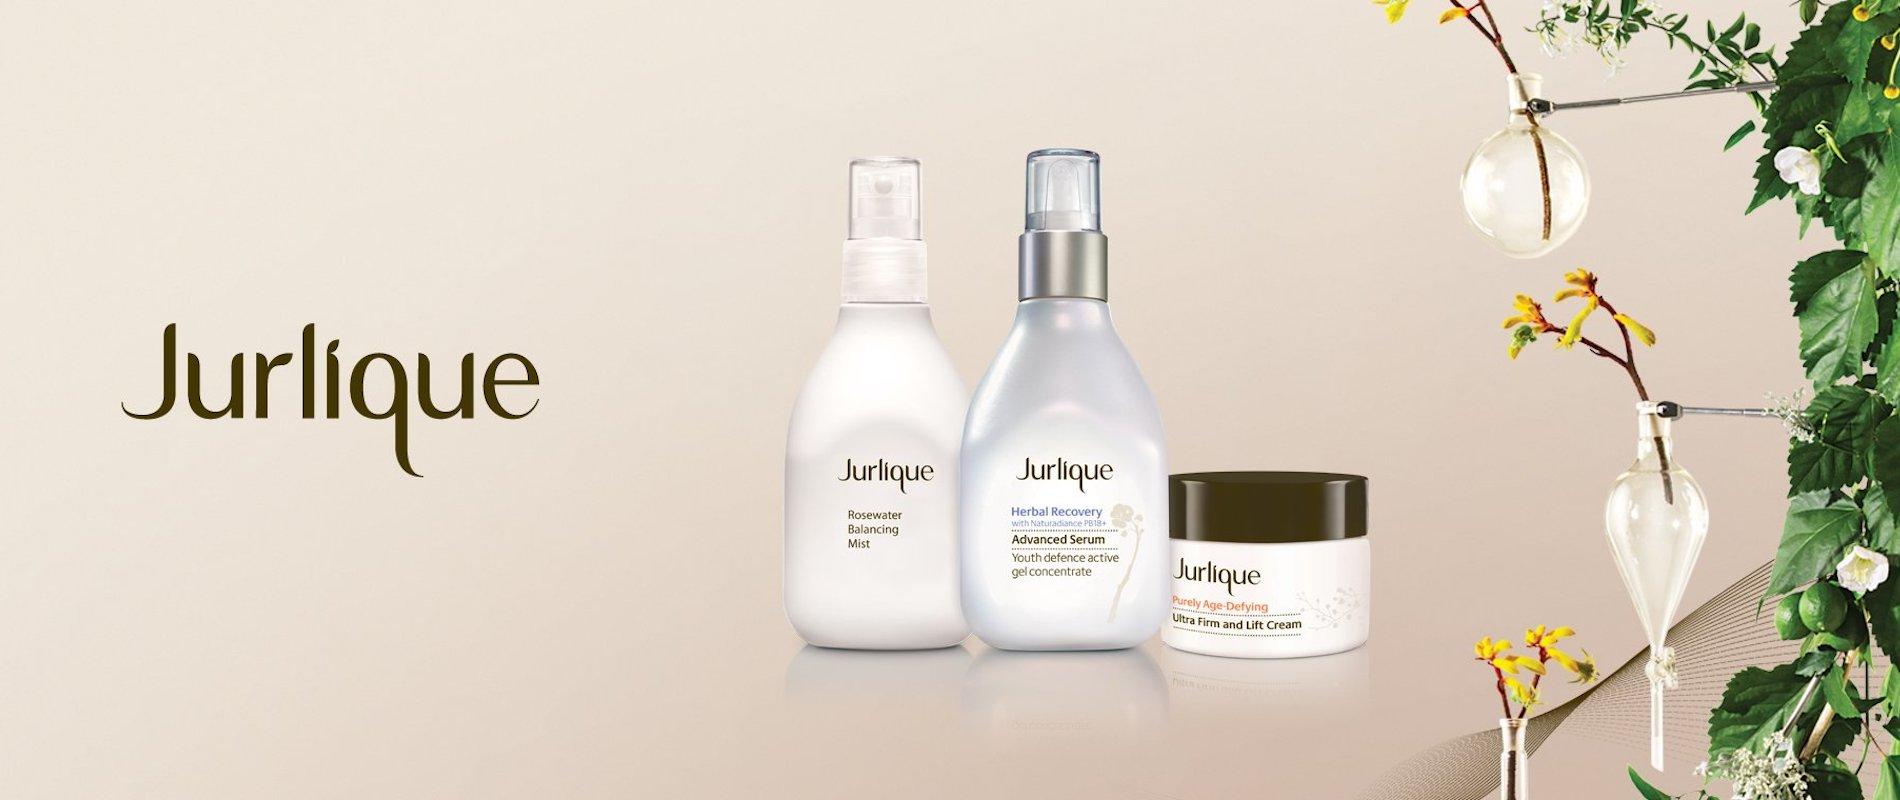 Jurlique(茱莉蔻)